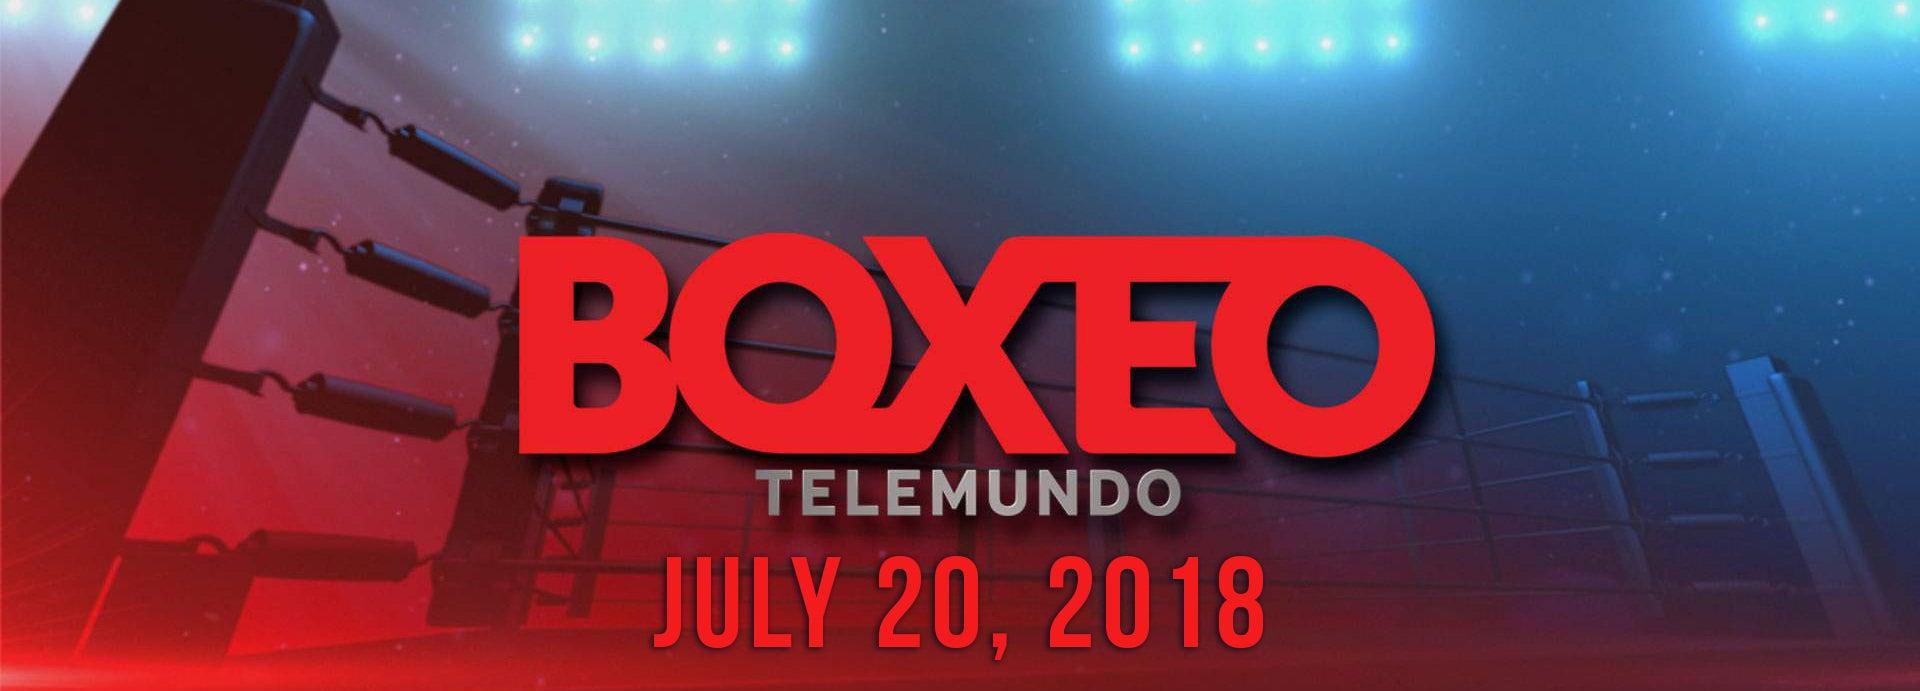 BoxeoTelemundoHeader.jpg